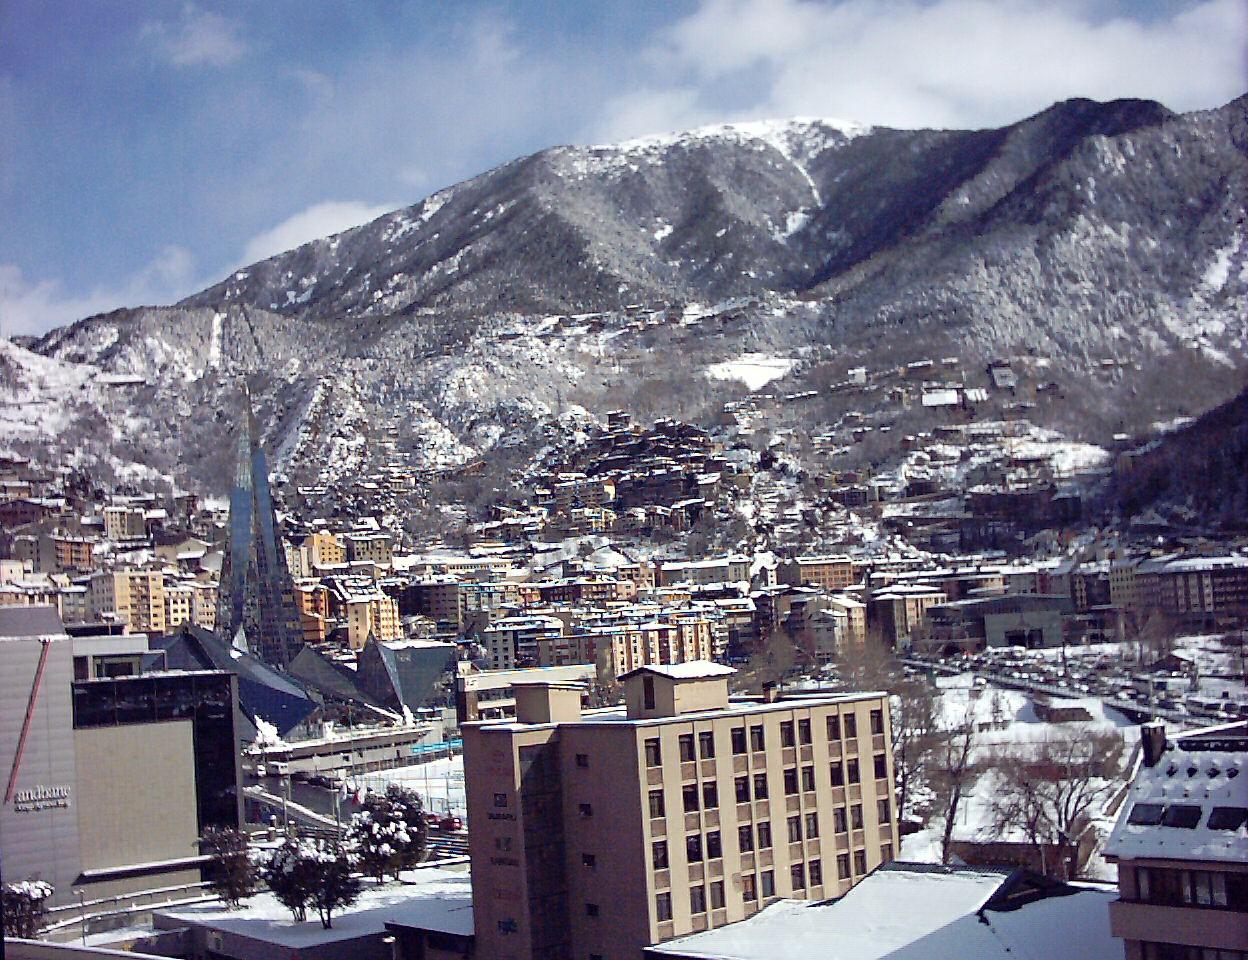 Disfruta de la llegada del frío en Andorra. Ocio y deportes al aire libre en tus días libres